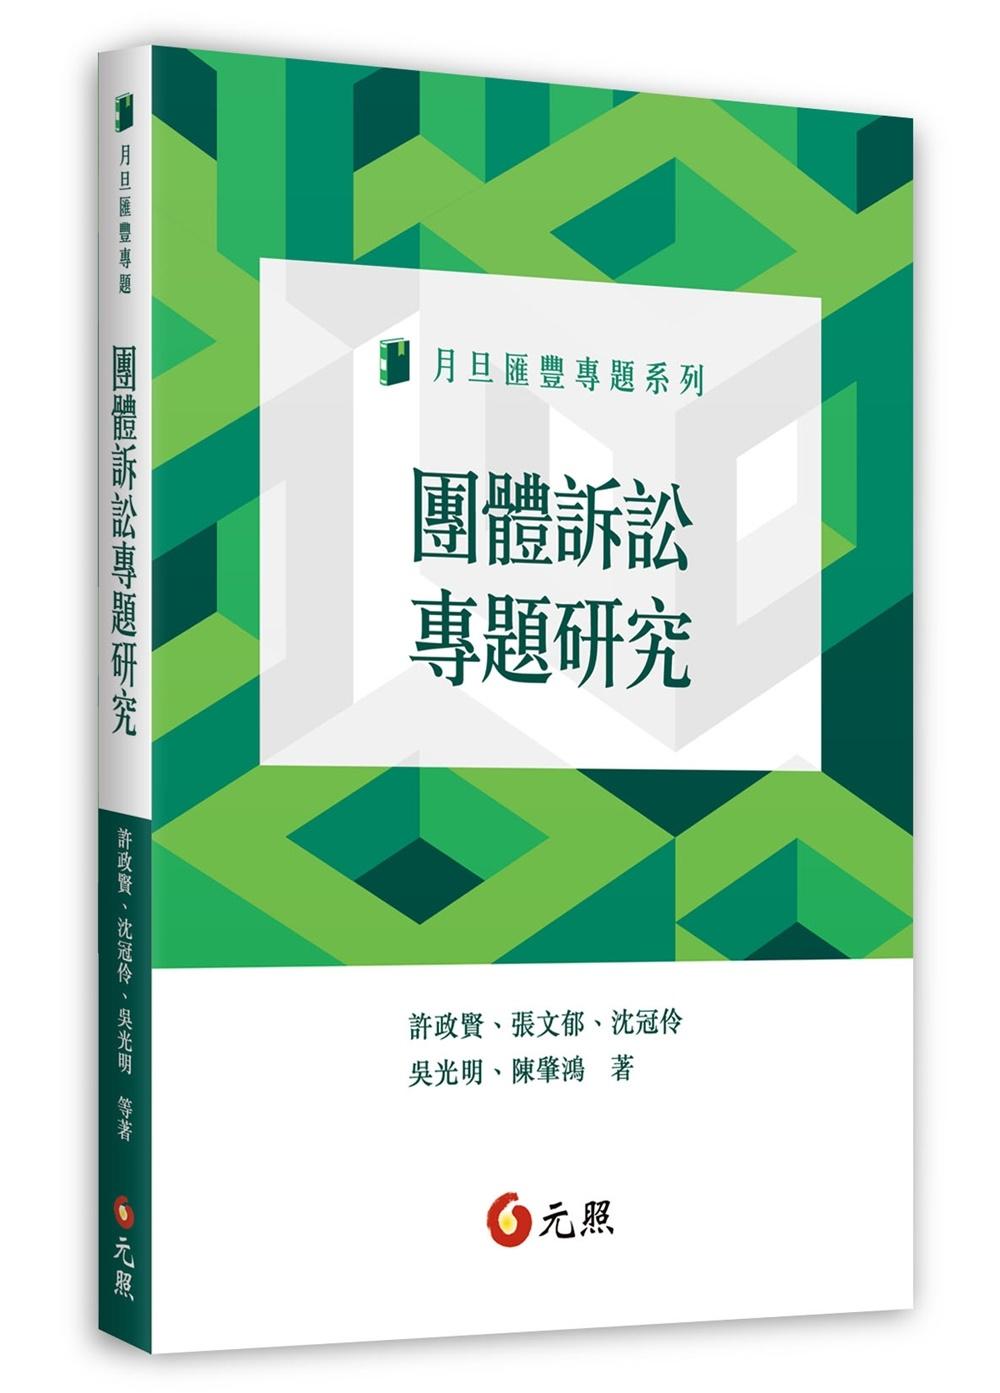 團體訴訟專題研究